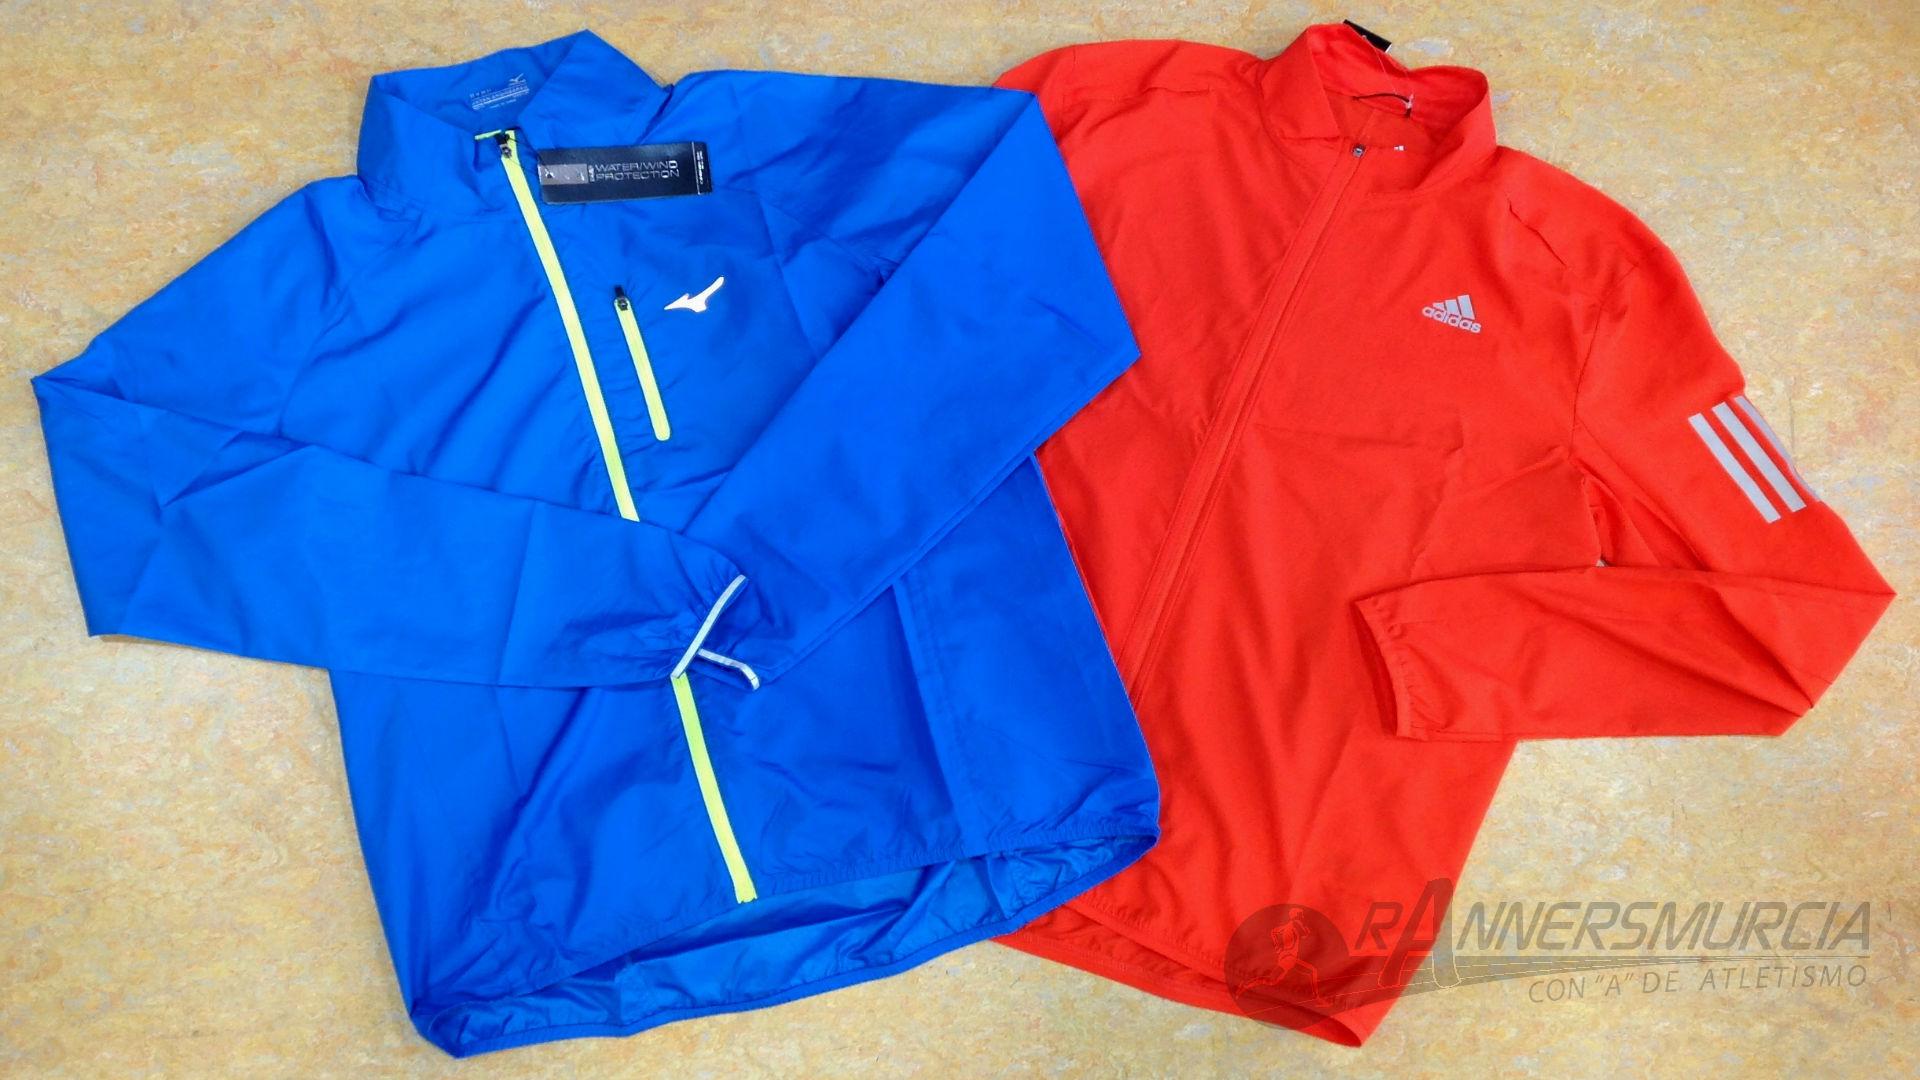 textil-mizuno-adidas-cortavientos-hombre-azul-rojo-oct-17